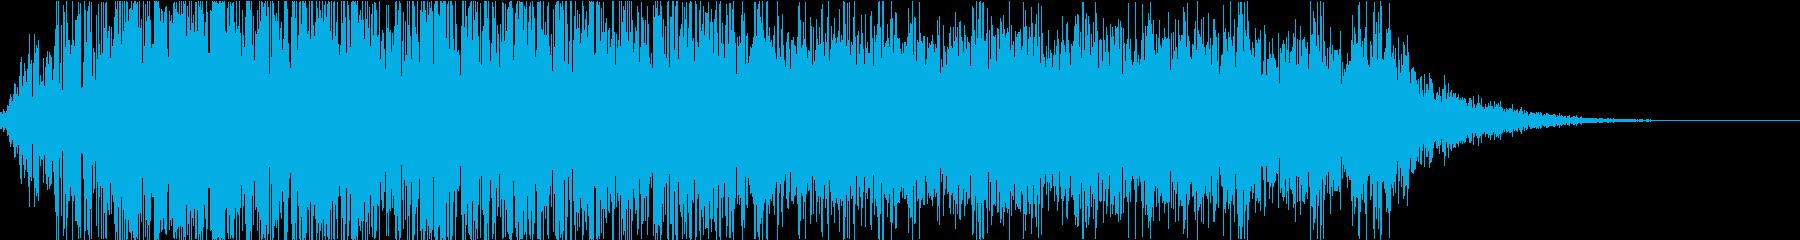 怪物・モンスターの鳴き声・ゲーム・映画gの再生済みの波形